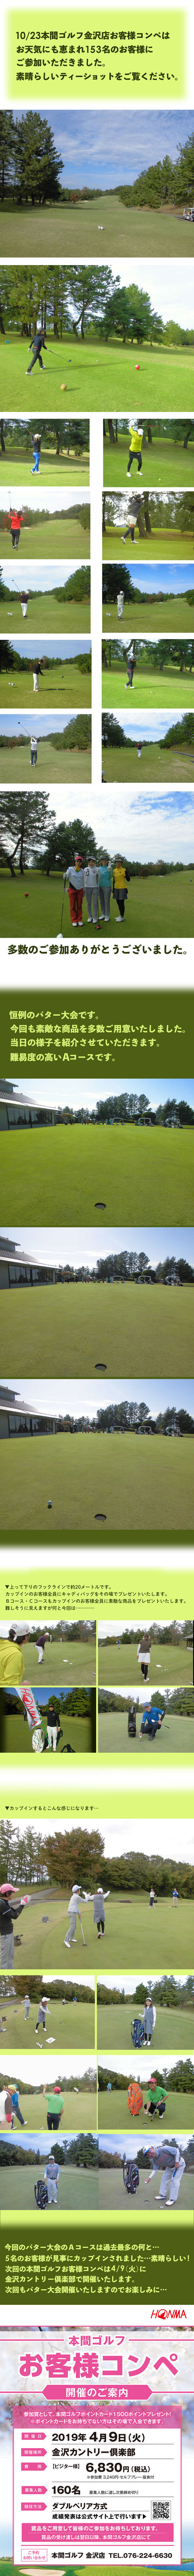 10/23本間ゴルフ金沢店お客様コンペ開催しました